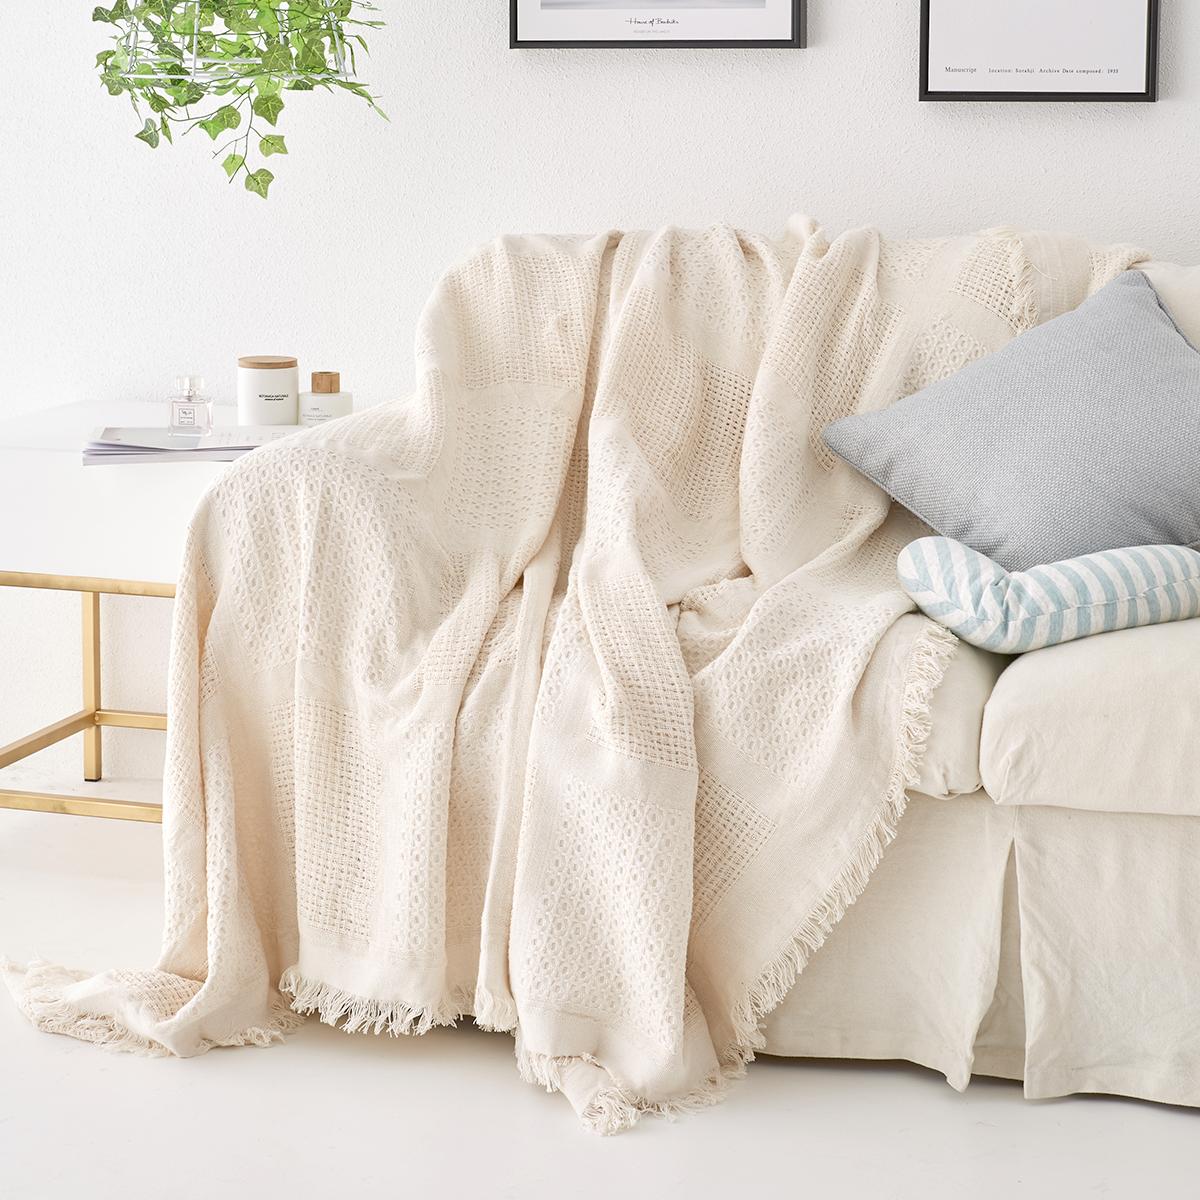 Диван полотенце диван крышка диван хеджирование охрана моно,парный человек линия одеяло полное покрытие скольжение ткань твердый вязание подушки на диване